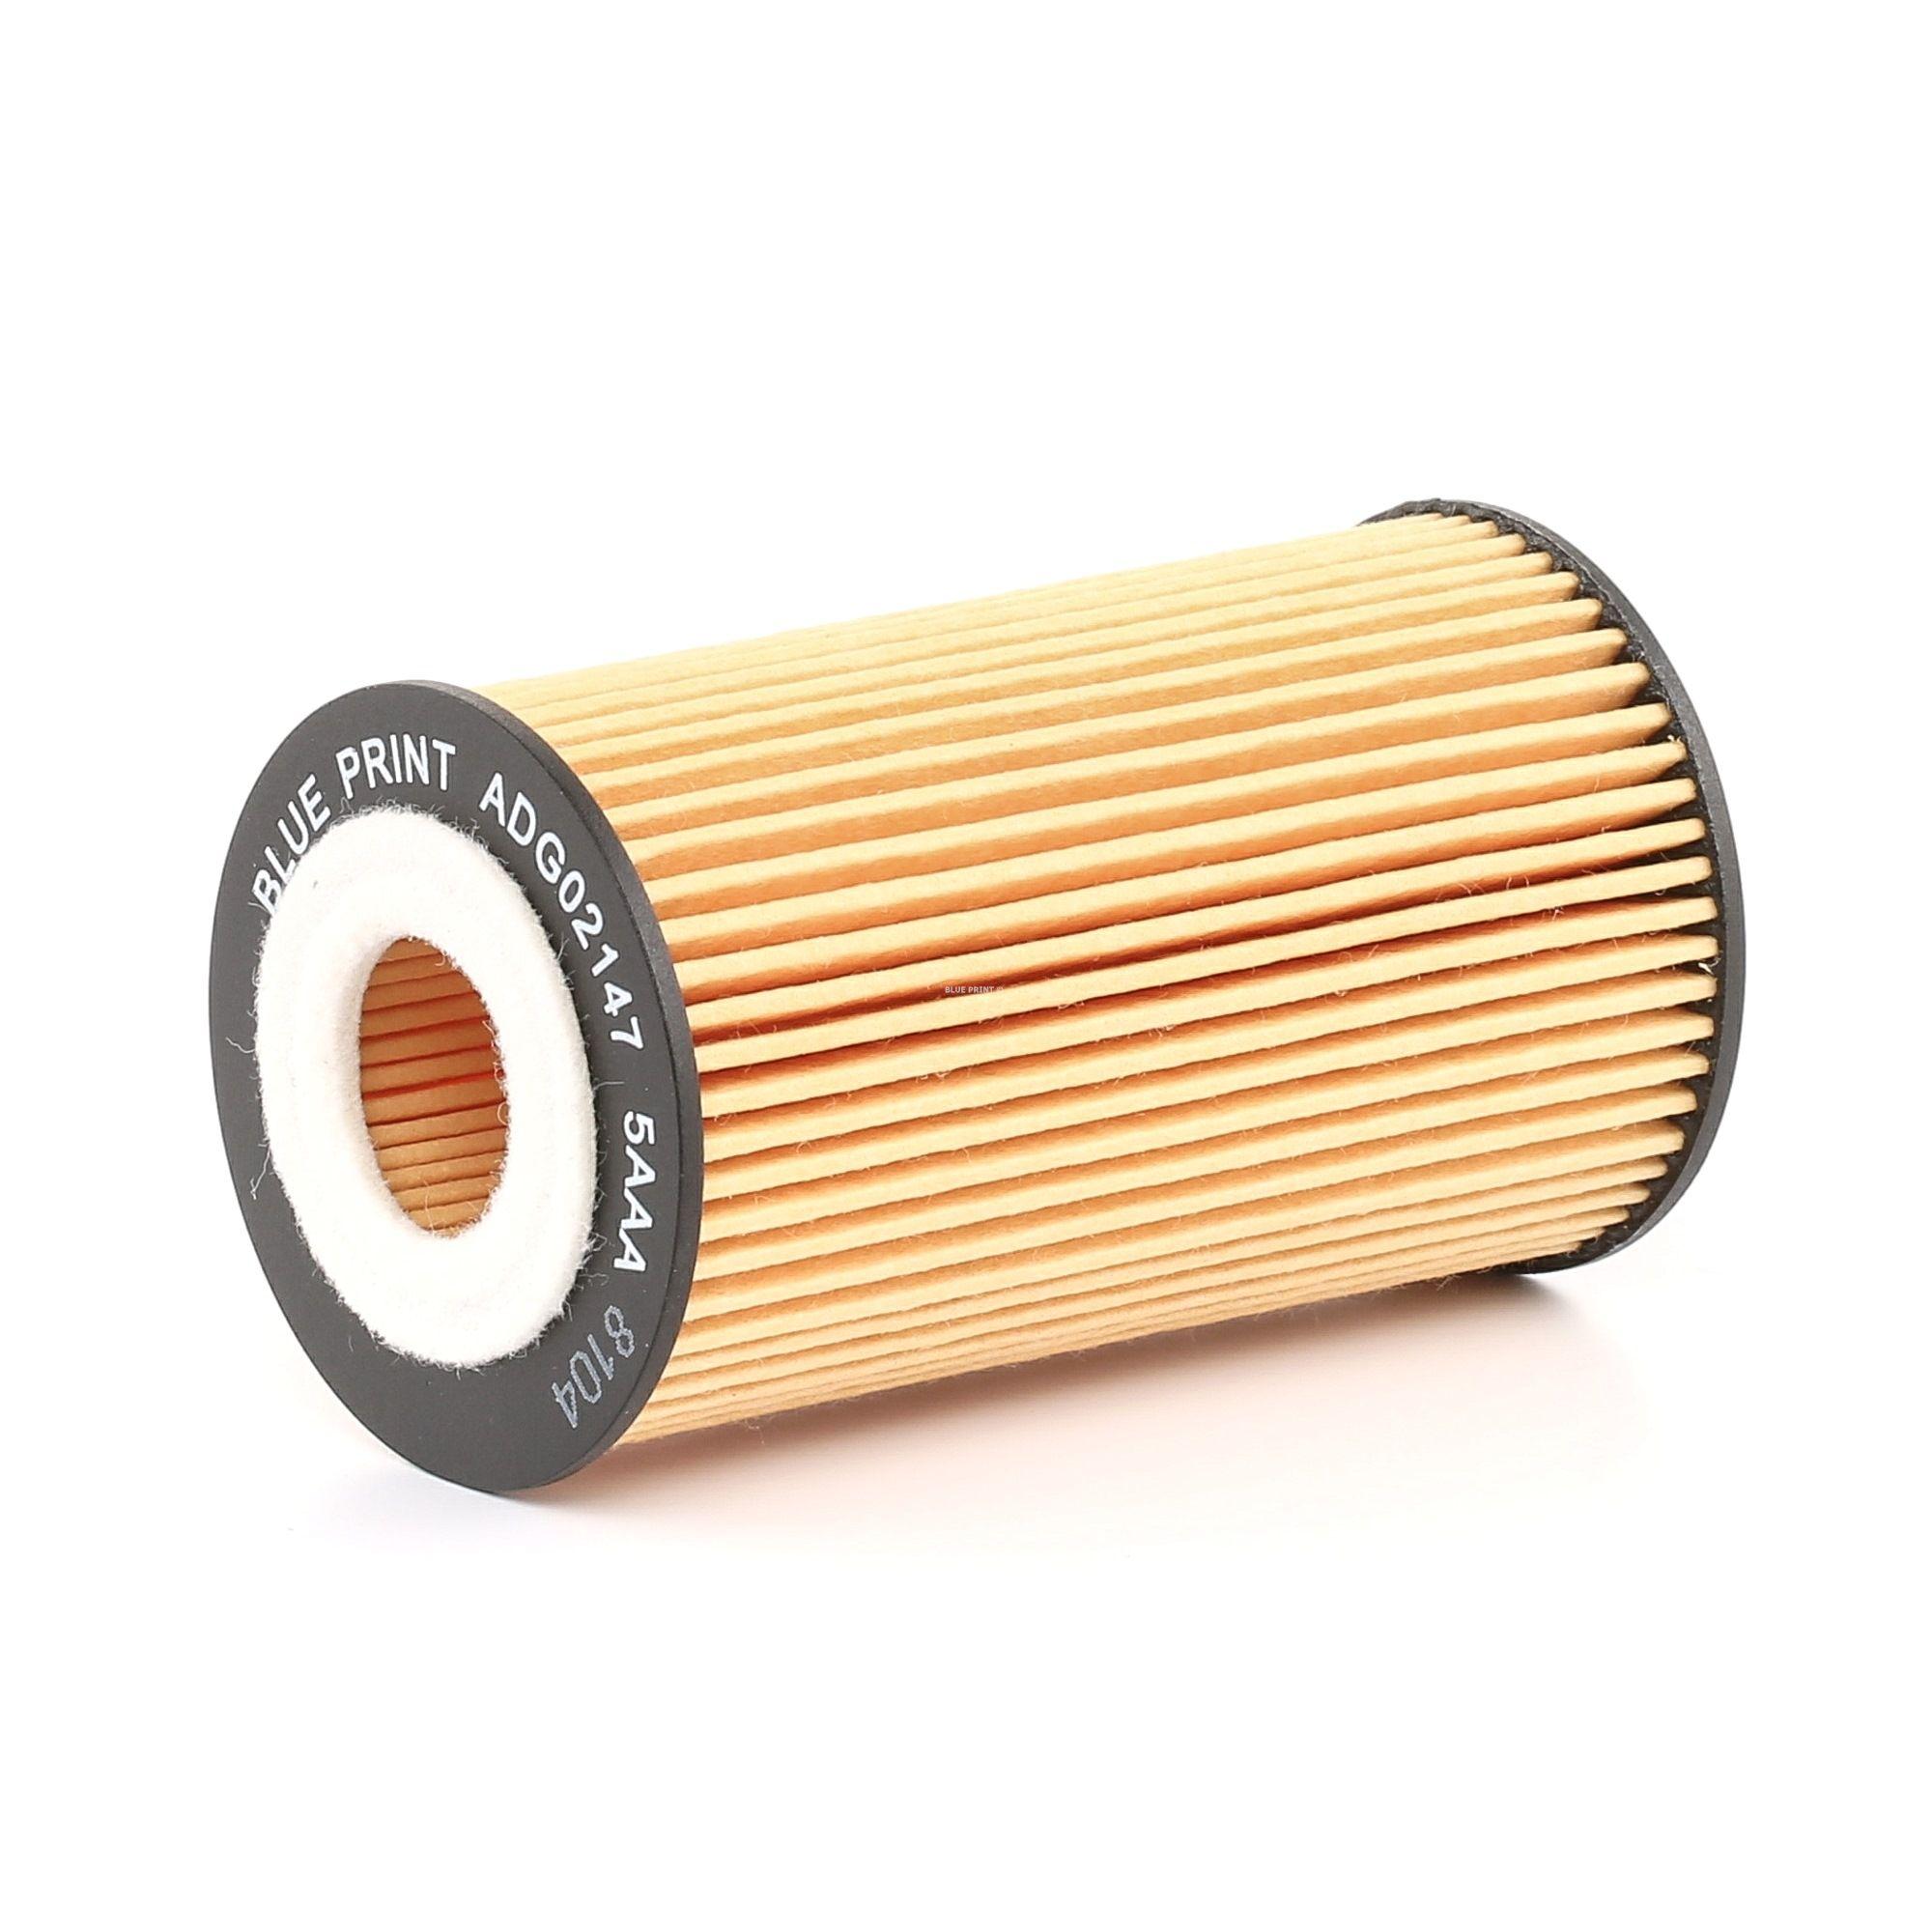 37257 FEBI BILSTEIN Filtereinsatz Innendurchmesser: 9,5mm, Innendurchmesser: 22,0mm, Ø: 57,4mm, Höhe: 106,5mm Ölfilter 37257 günstig kaufen